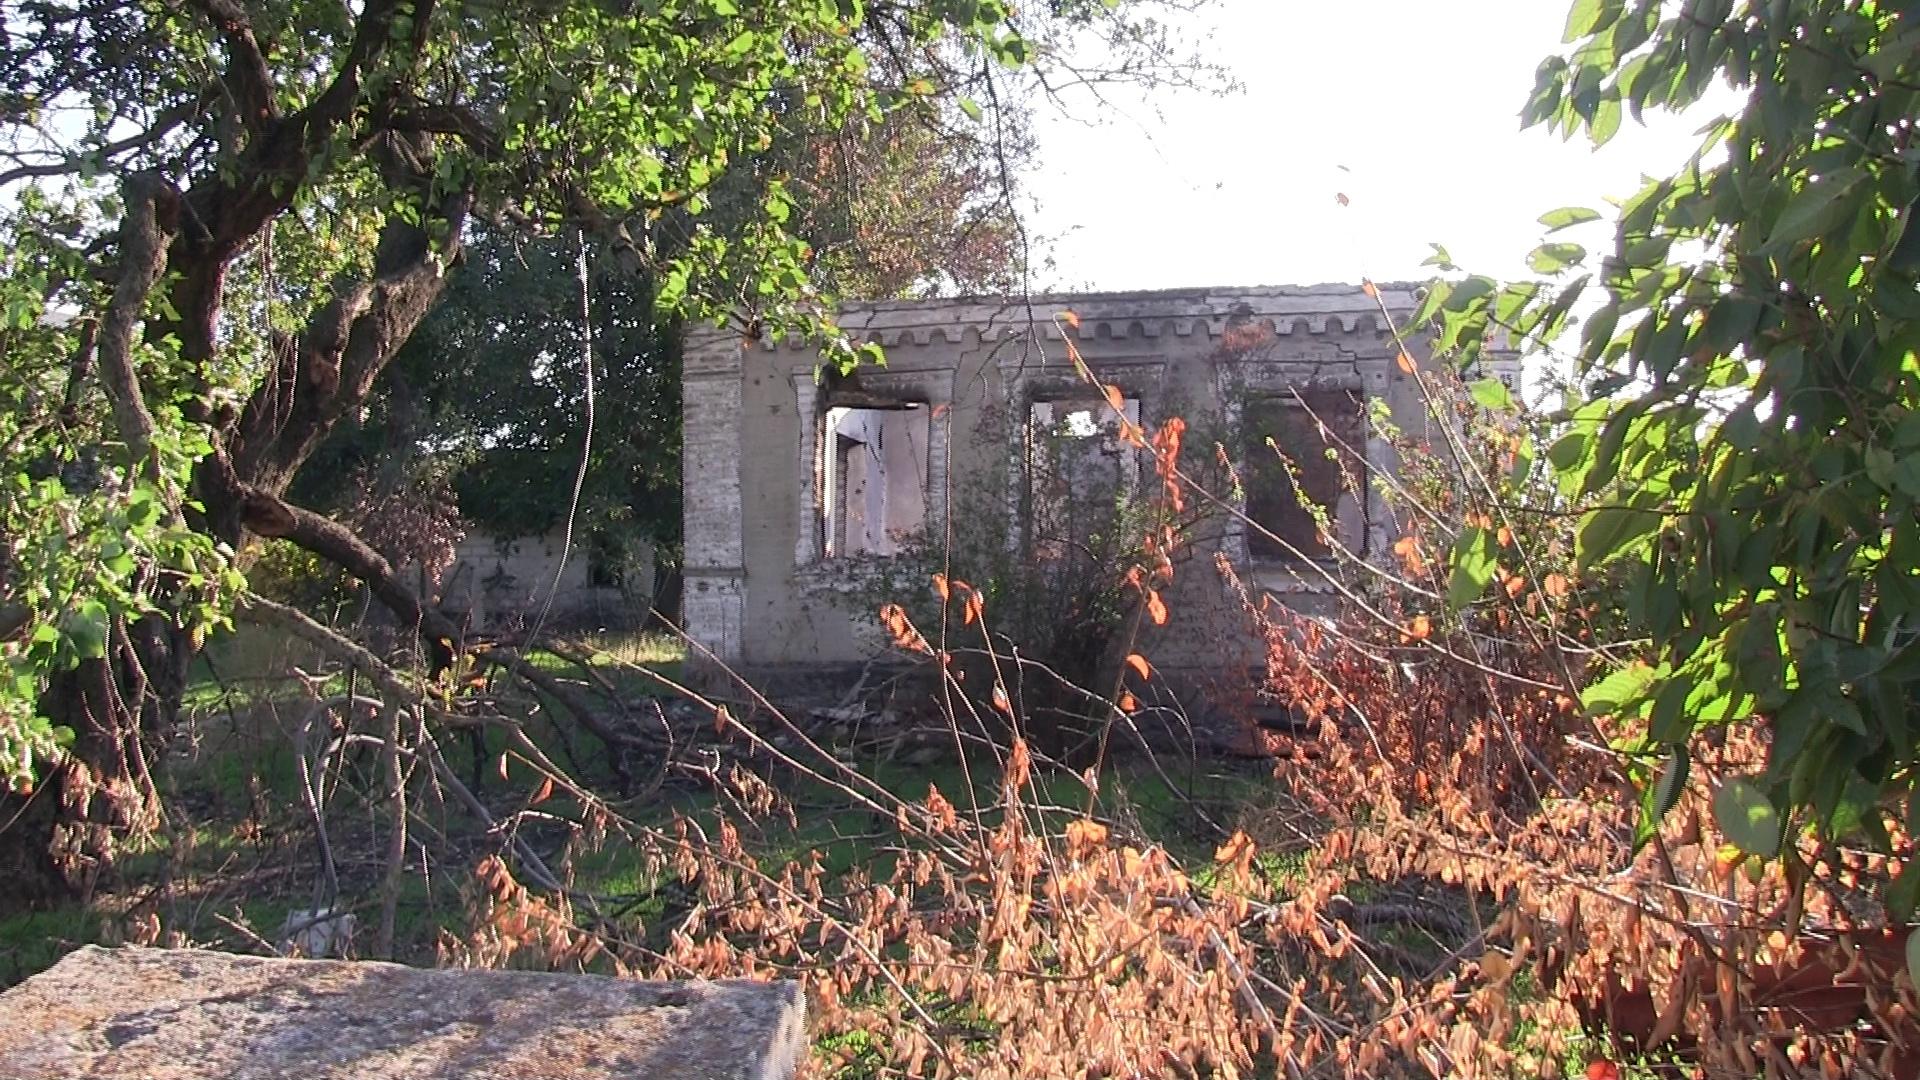 Сводки из Донбасса. При обстреле ВСУ погибли мать и дочь